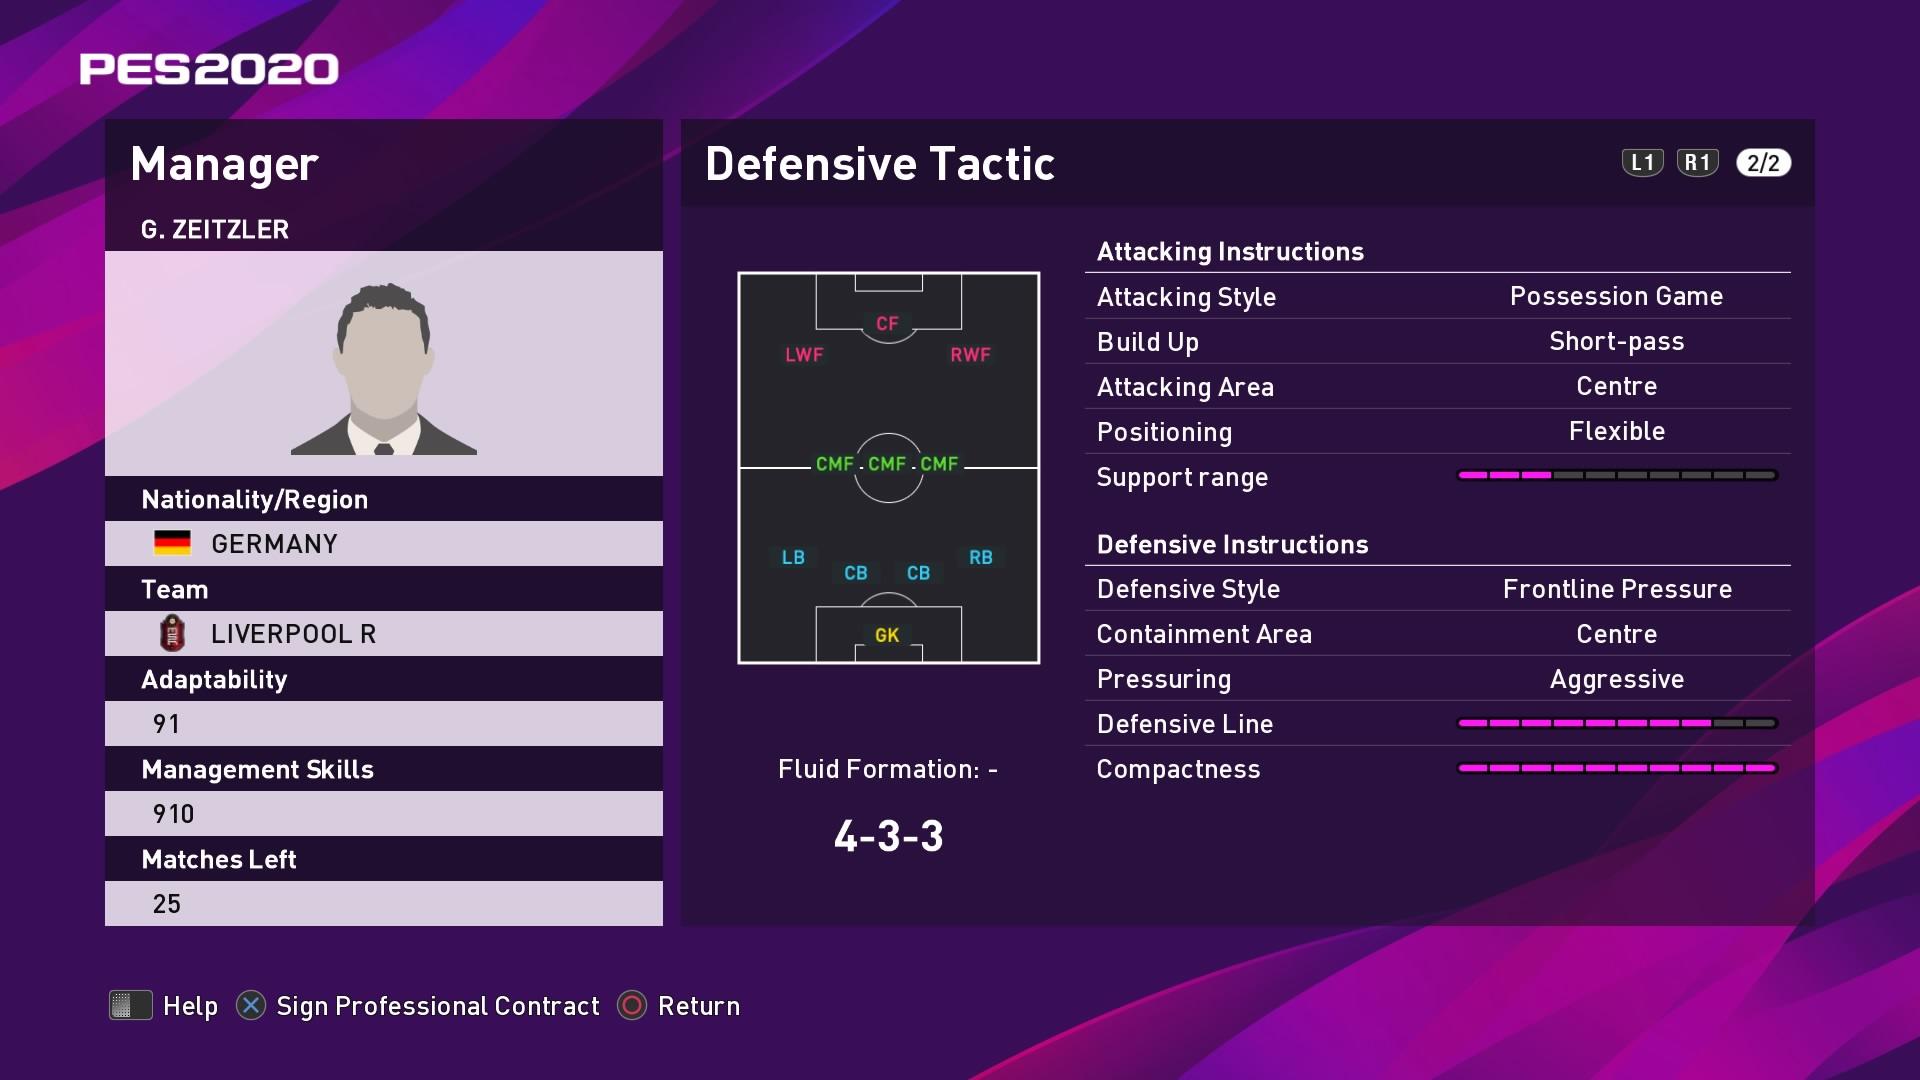 G. Zeitzler (Jürgen Klopp) Defensive Tactic in PES 2020 myClub